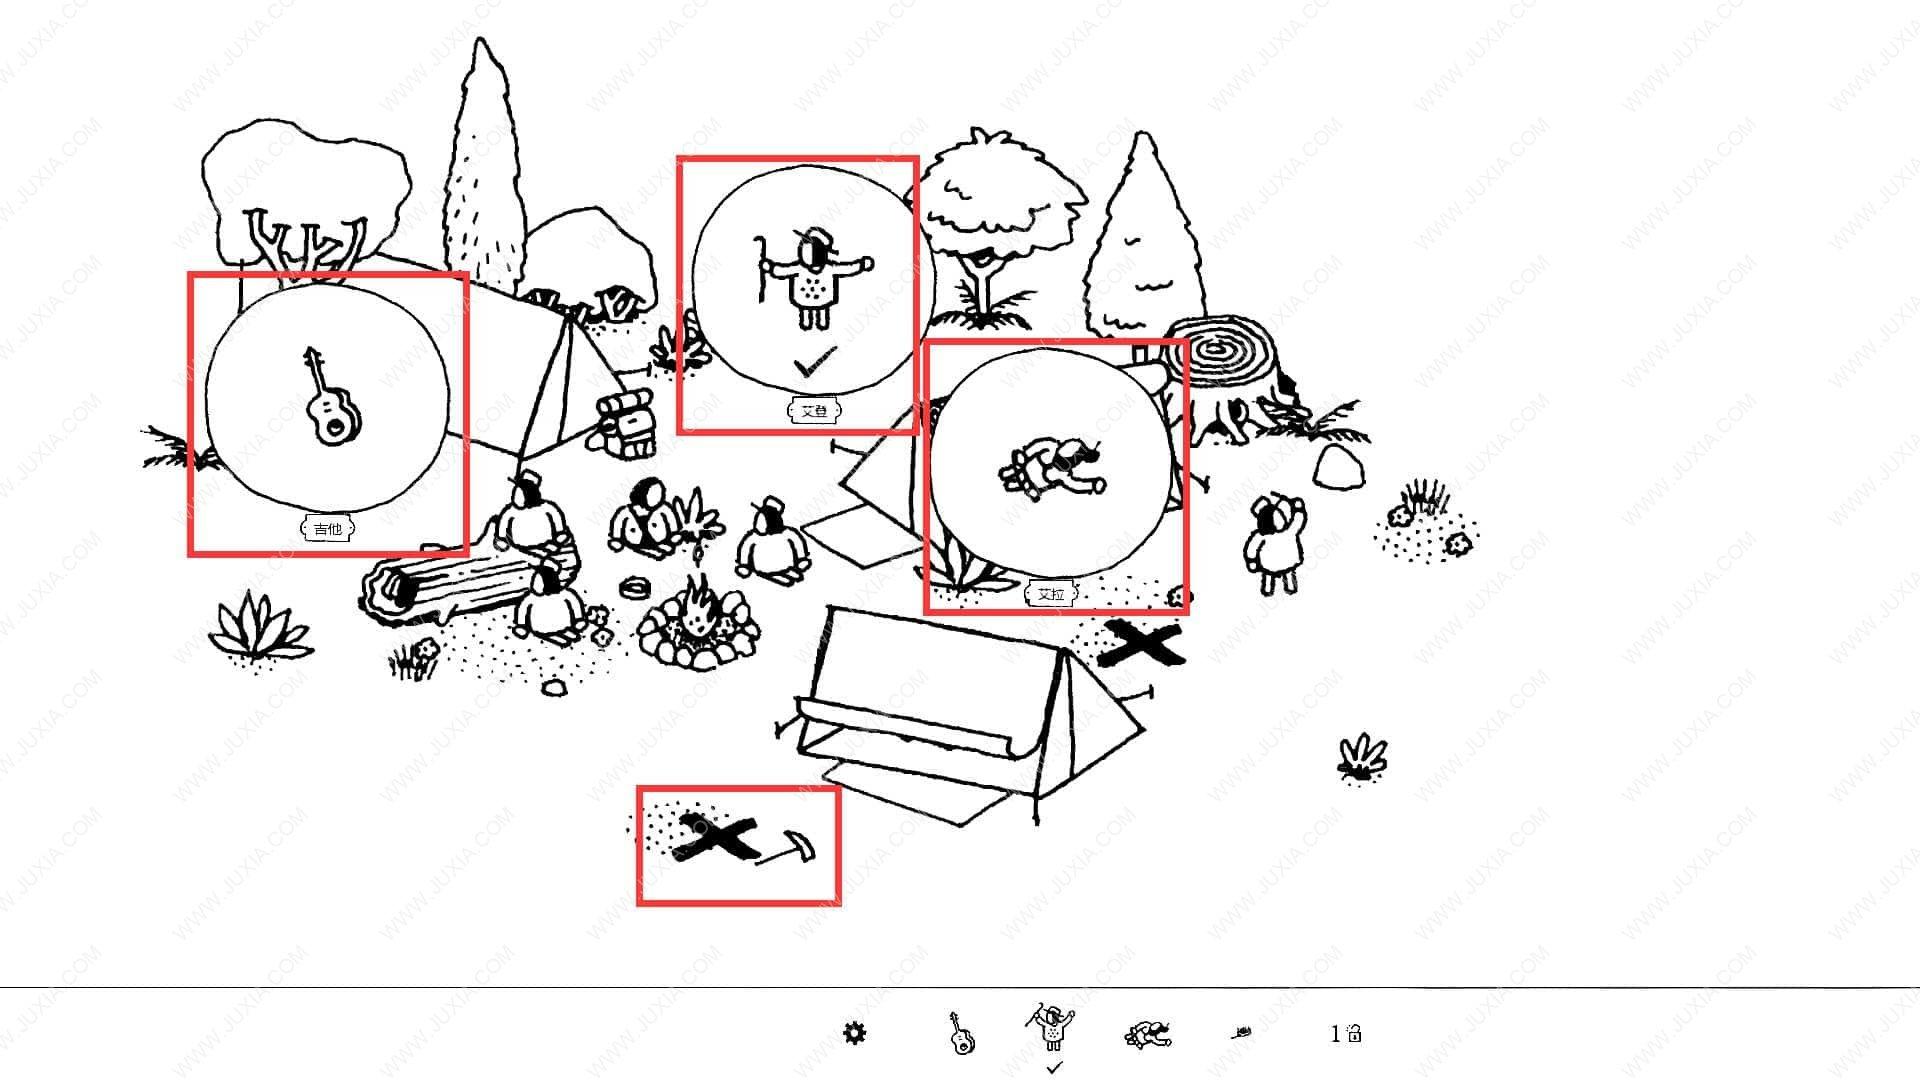 隐藏的家伙攻略图文森林第4关 HiddenFolks图文攻略森林第四关